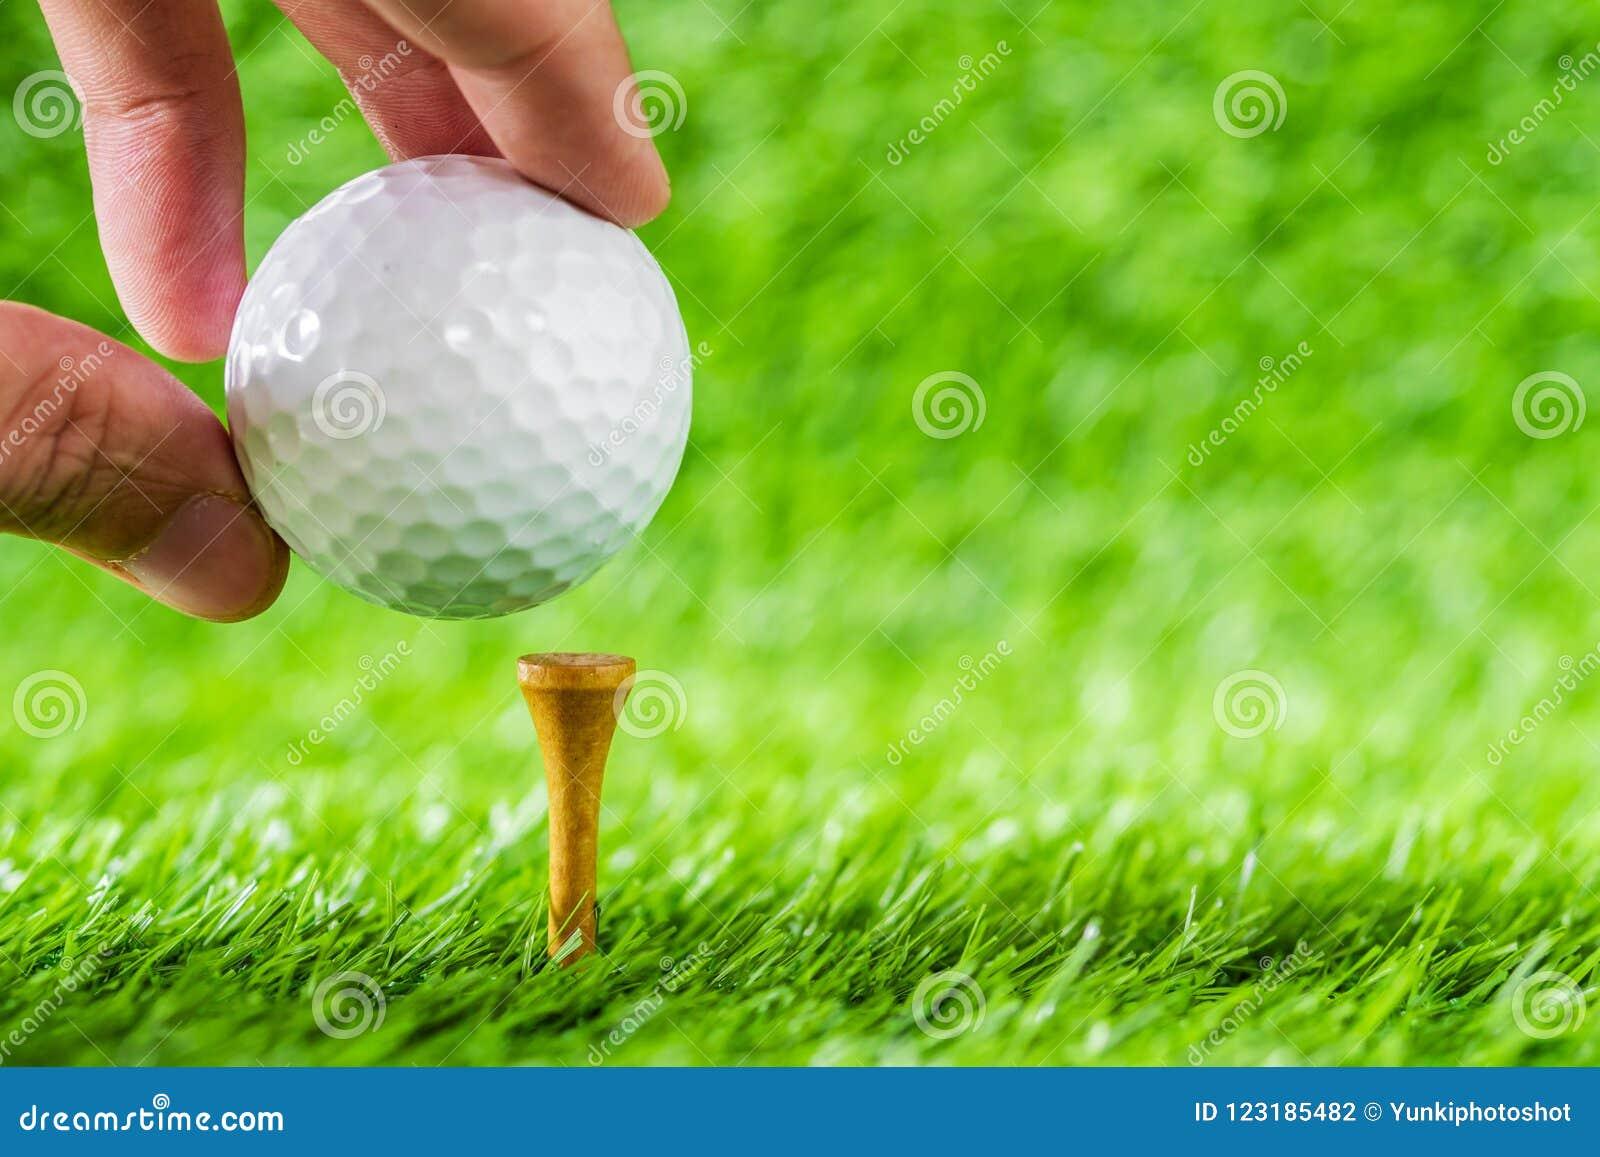 递举行在发球区域与绿草backg的褐色木头上把放的高尔夫球